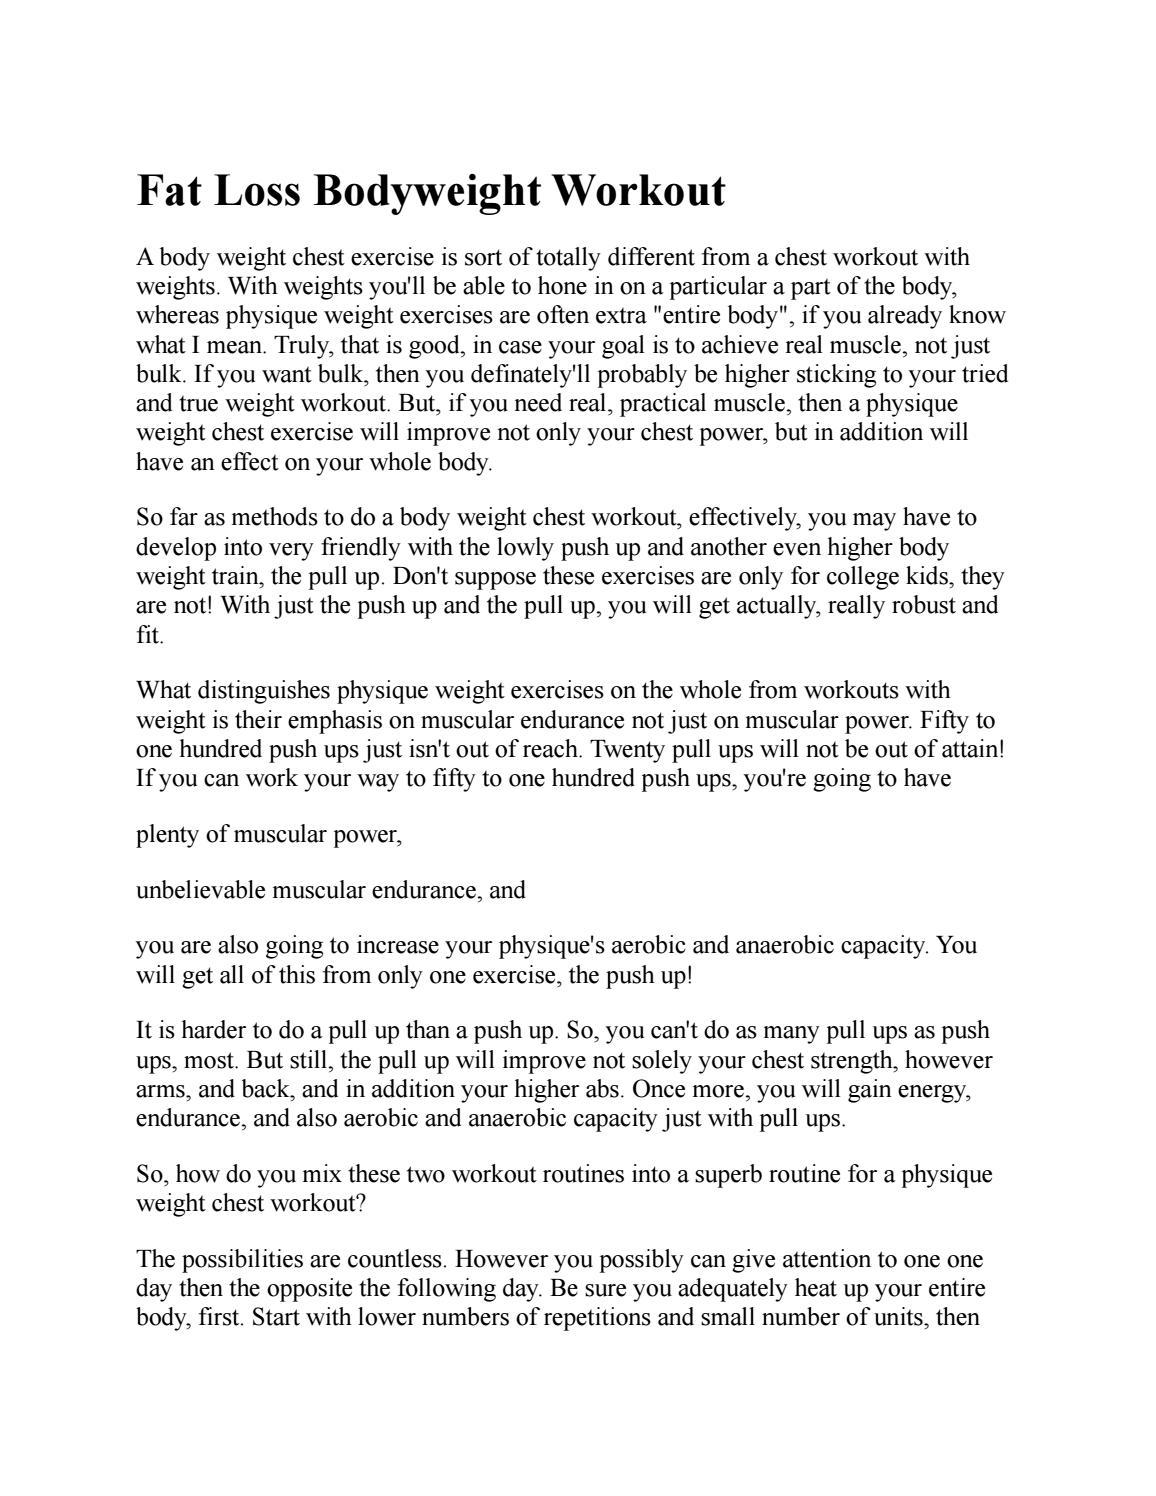 Bodyweight Chest Workout by BodyweightChest - issuu